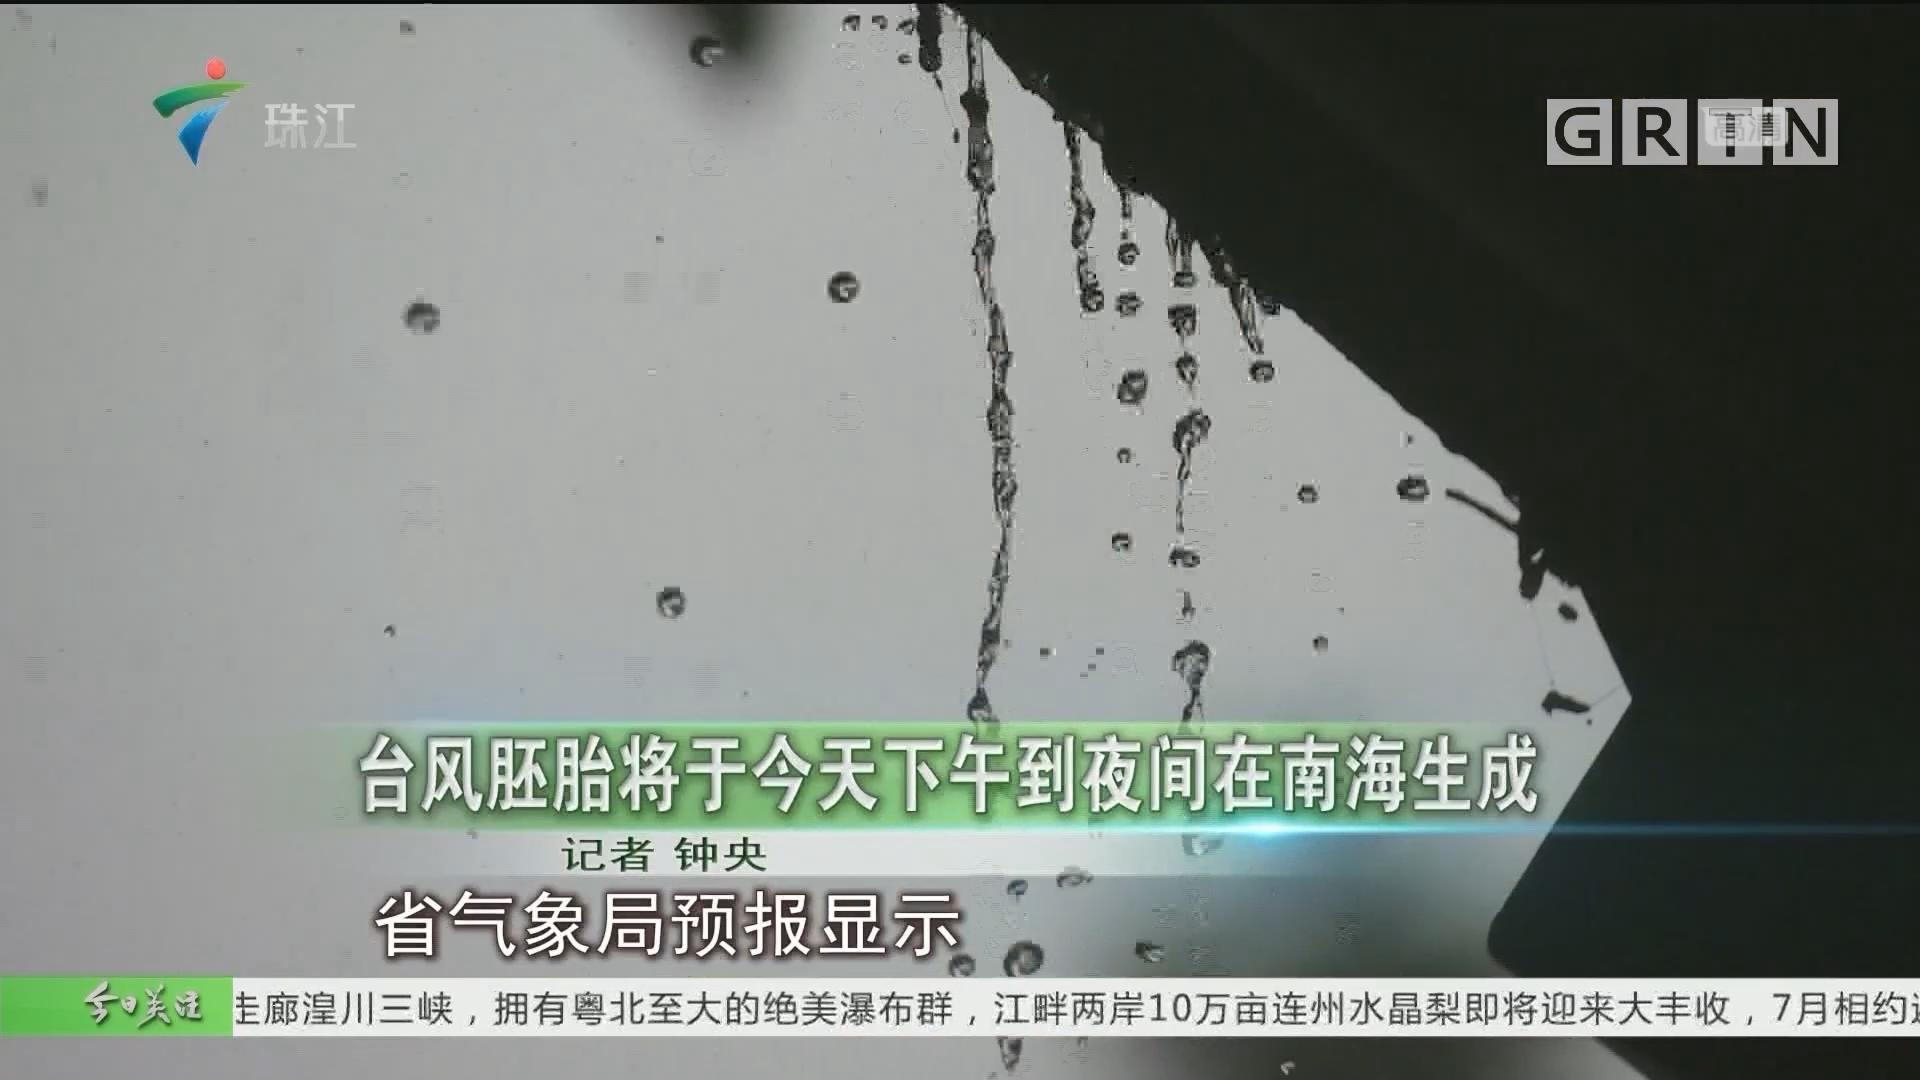 台风胚胎将于今天下午到夜间在南海生成